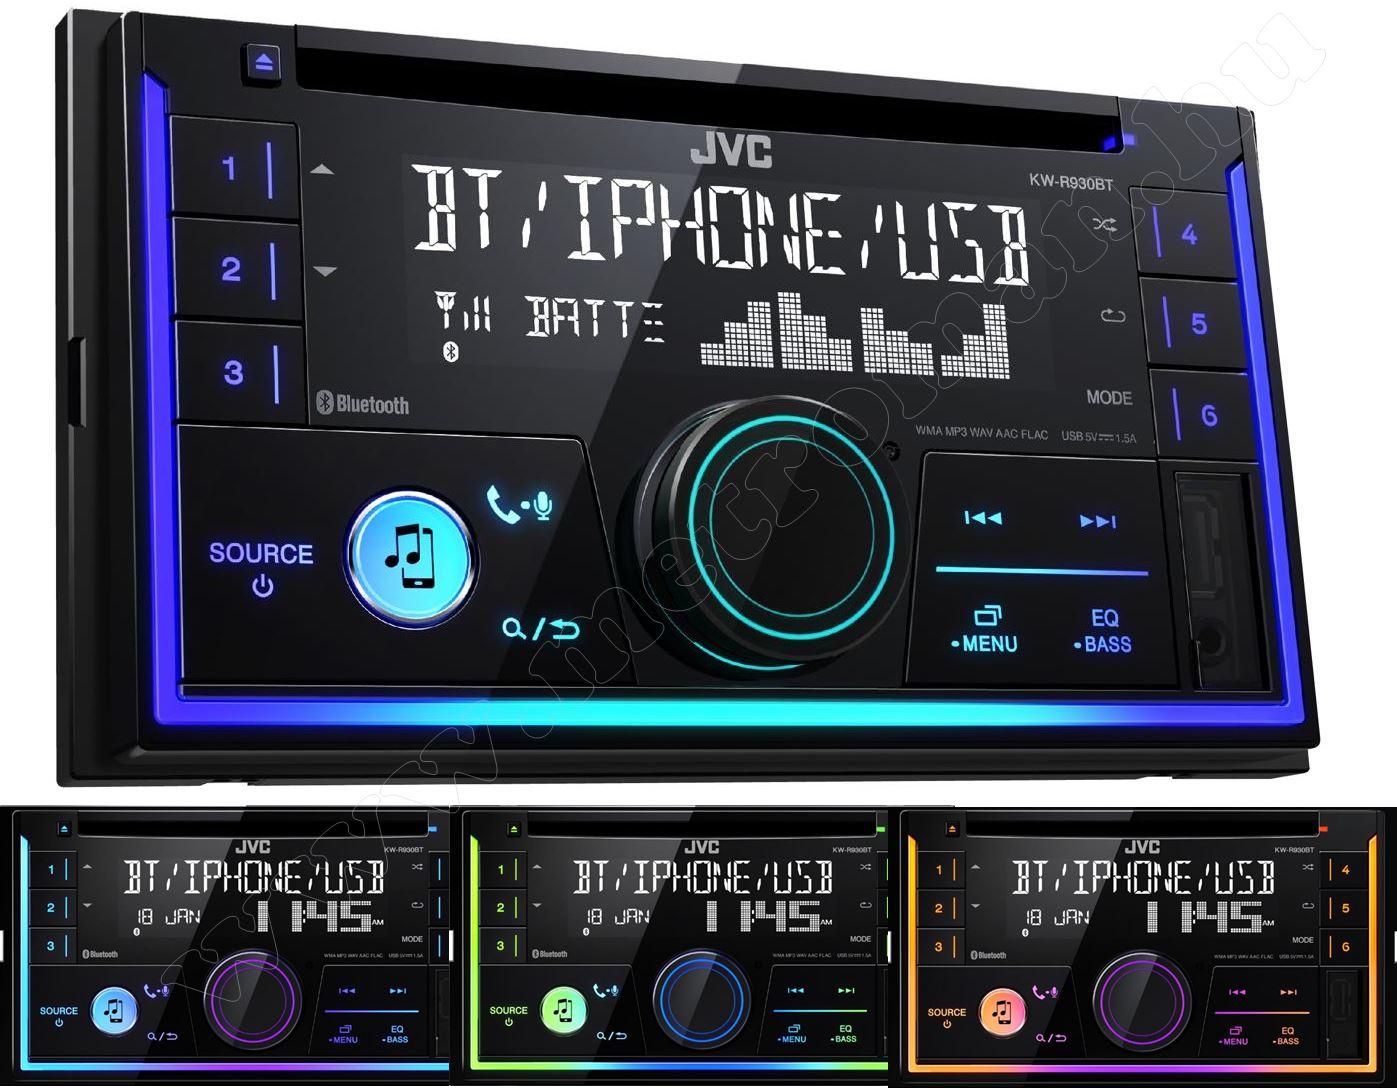 CD/USB autórádió Bluetooth kihangosítóval 2 DIN JVC KW-R930BT